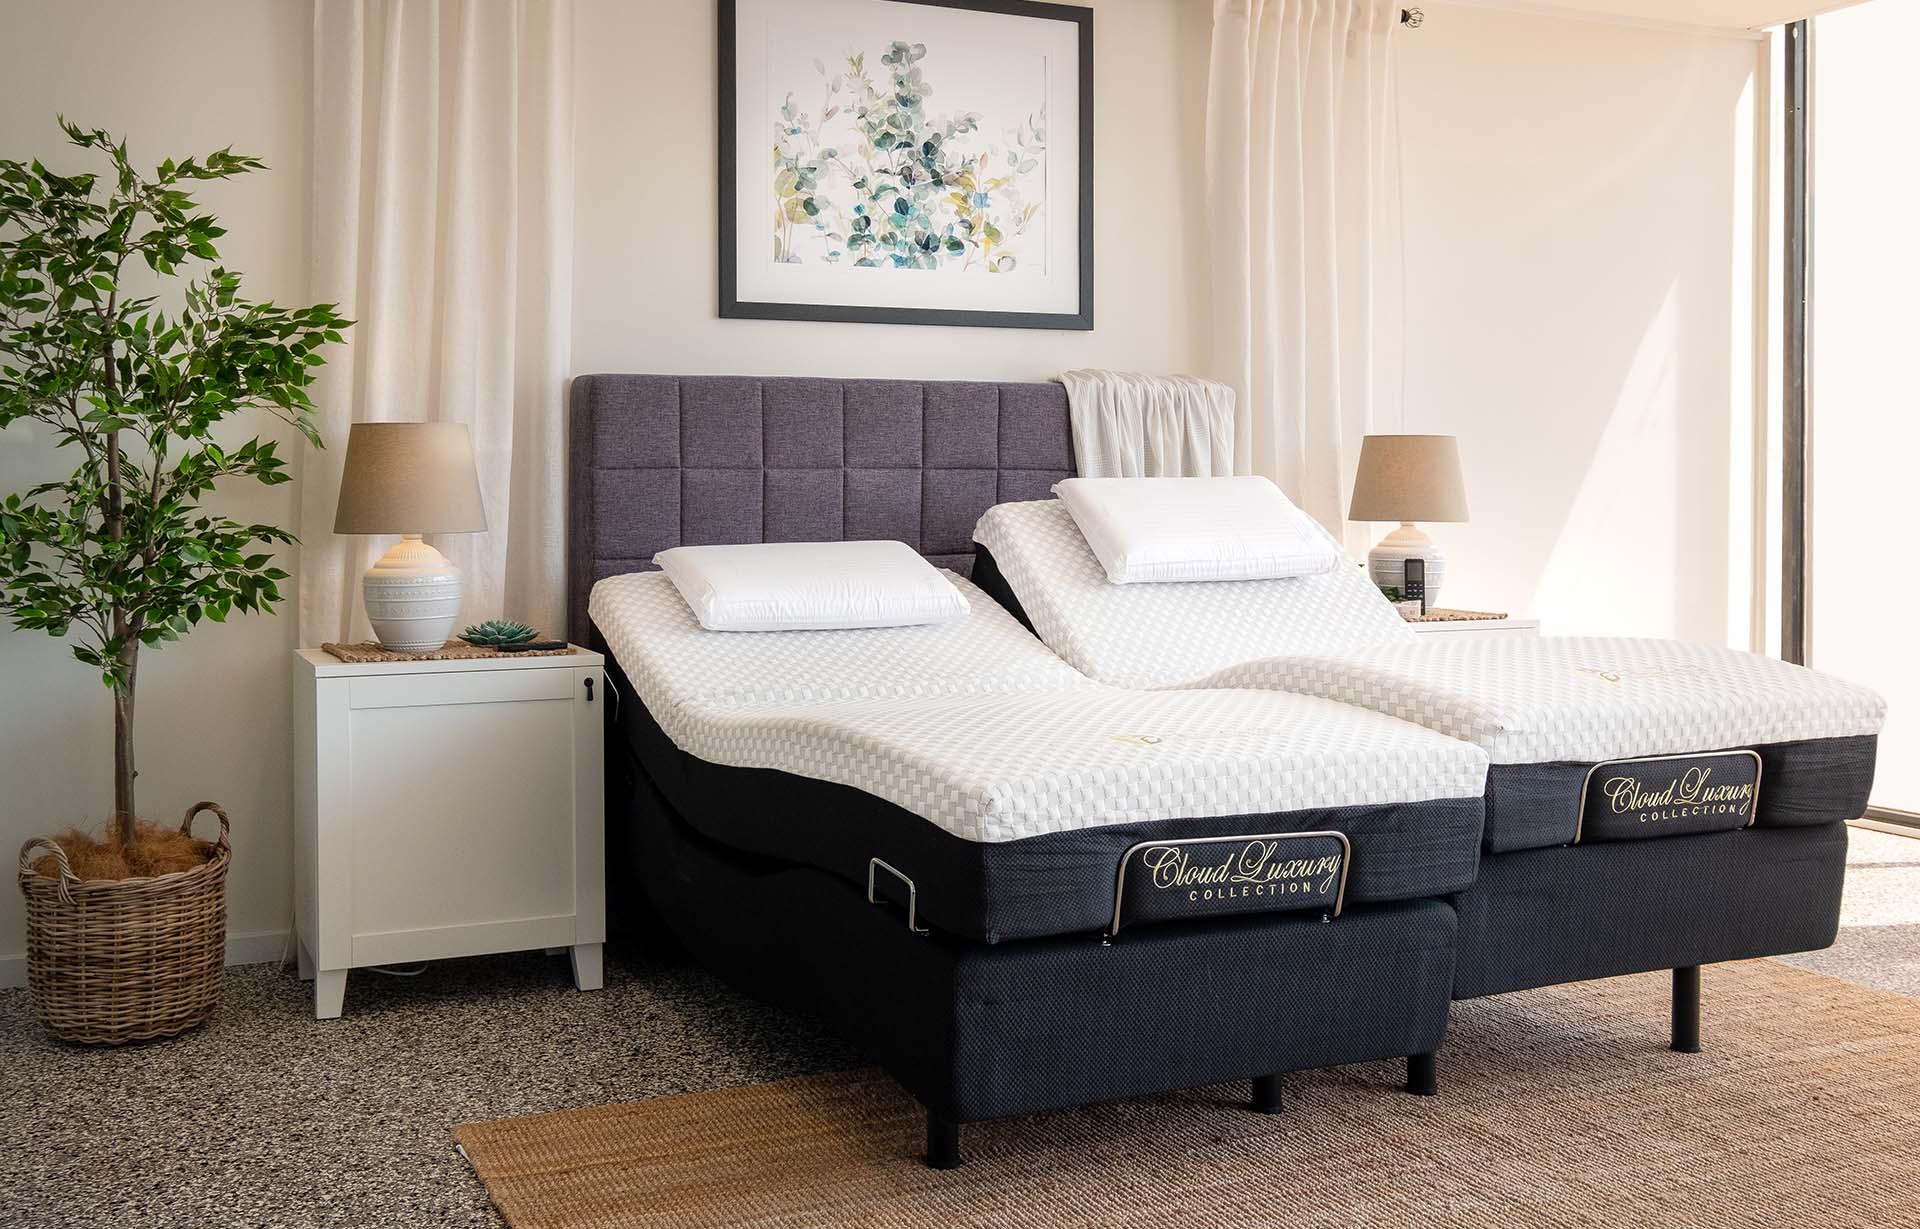 Cloud-Luxury-Bed